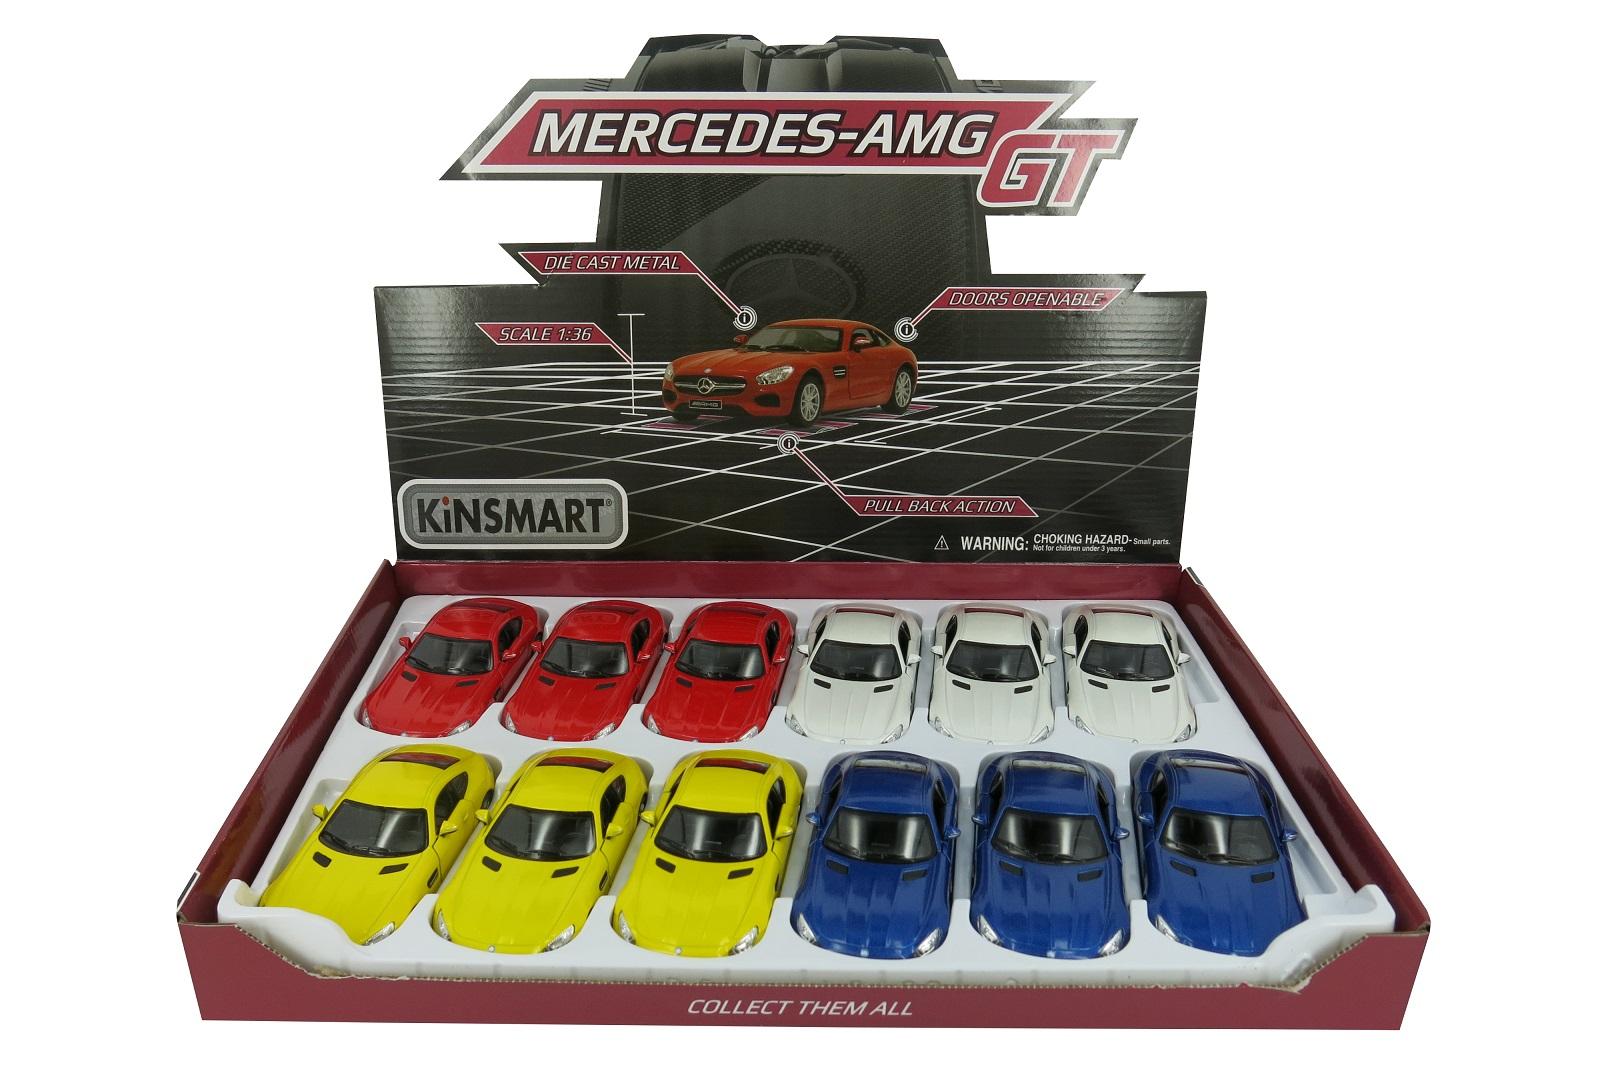 Металлическая машинка Kinsmart 1:36 «Mercedes-AMG GT» KT5388D, инерционная / Микс